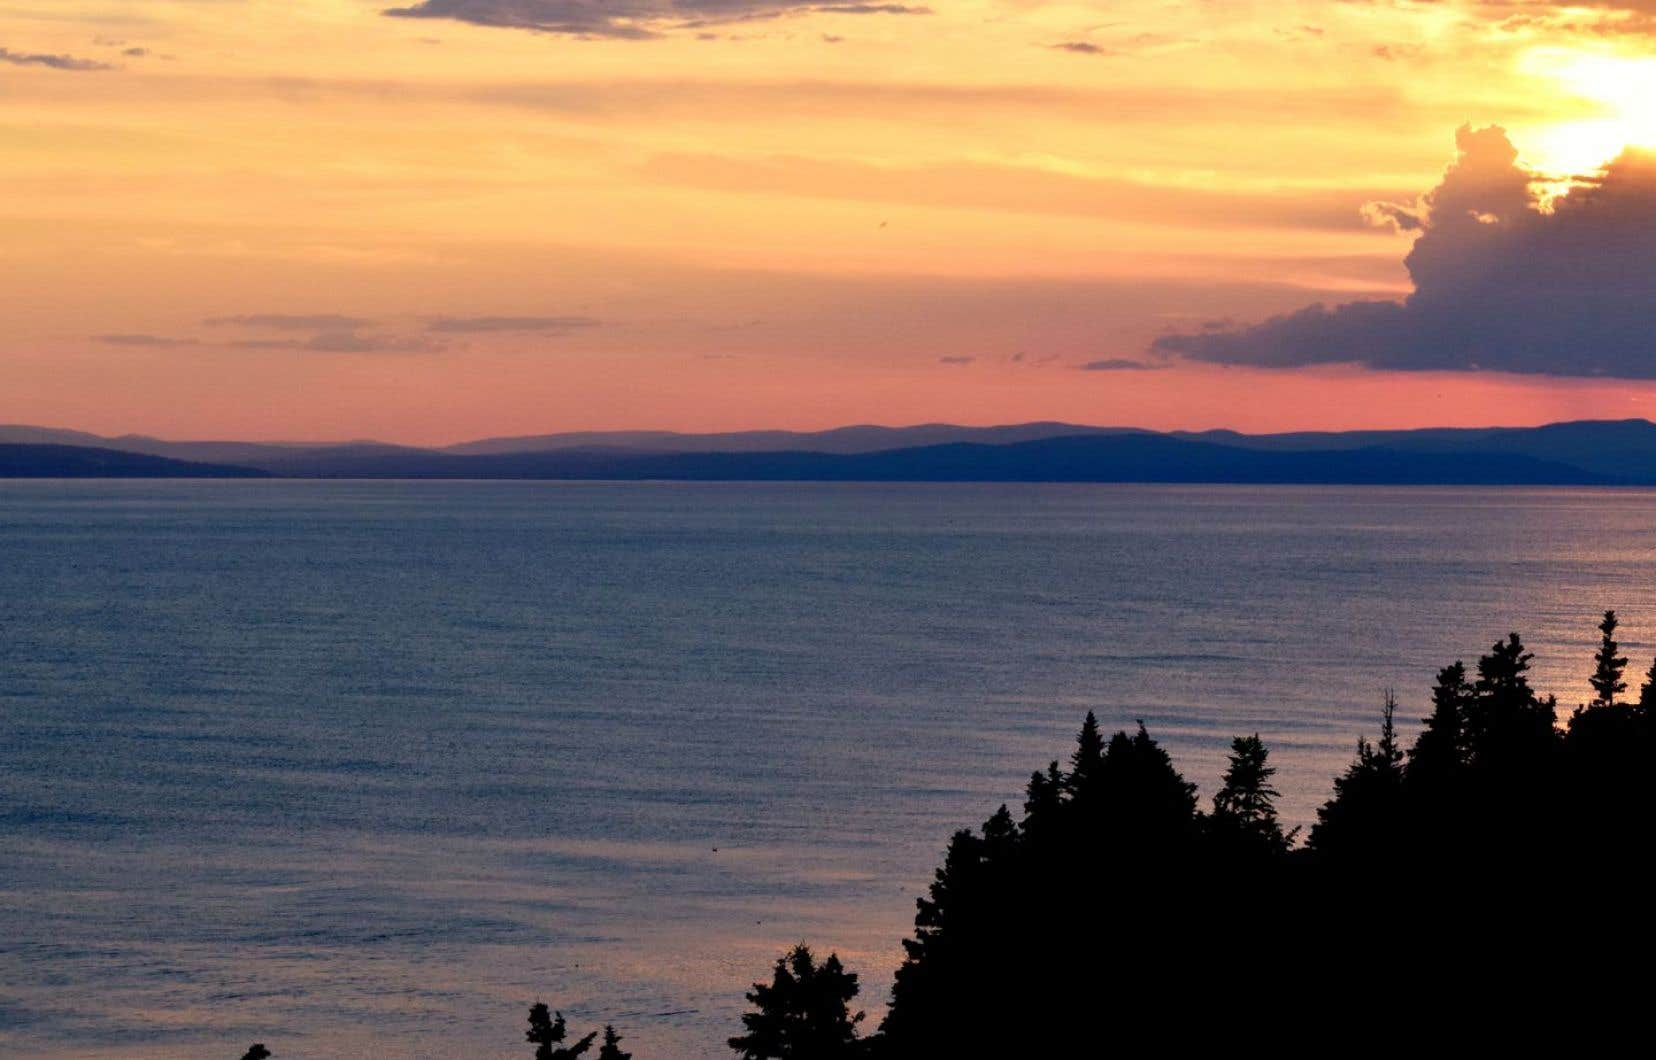 Des permis d'exploration pétrolière sont toujours en vigueur pour la baie de Gaspé.